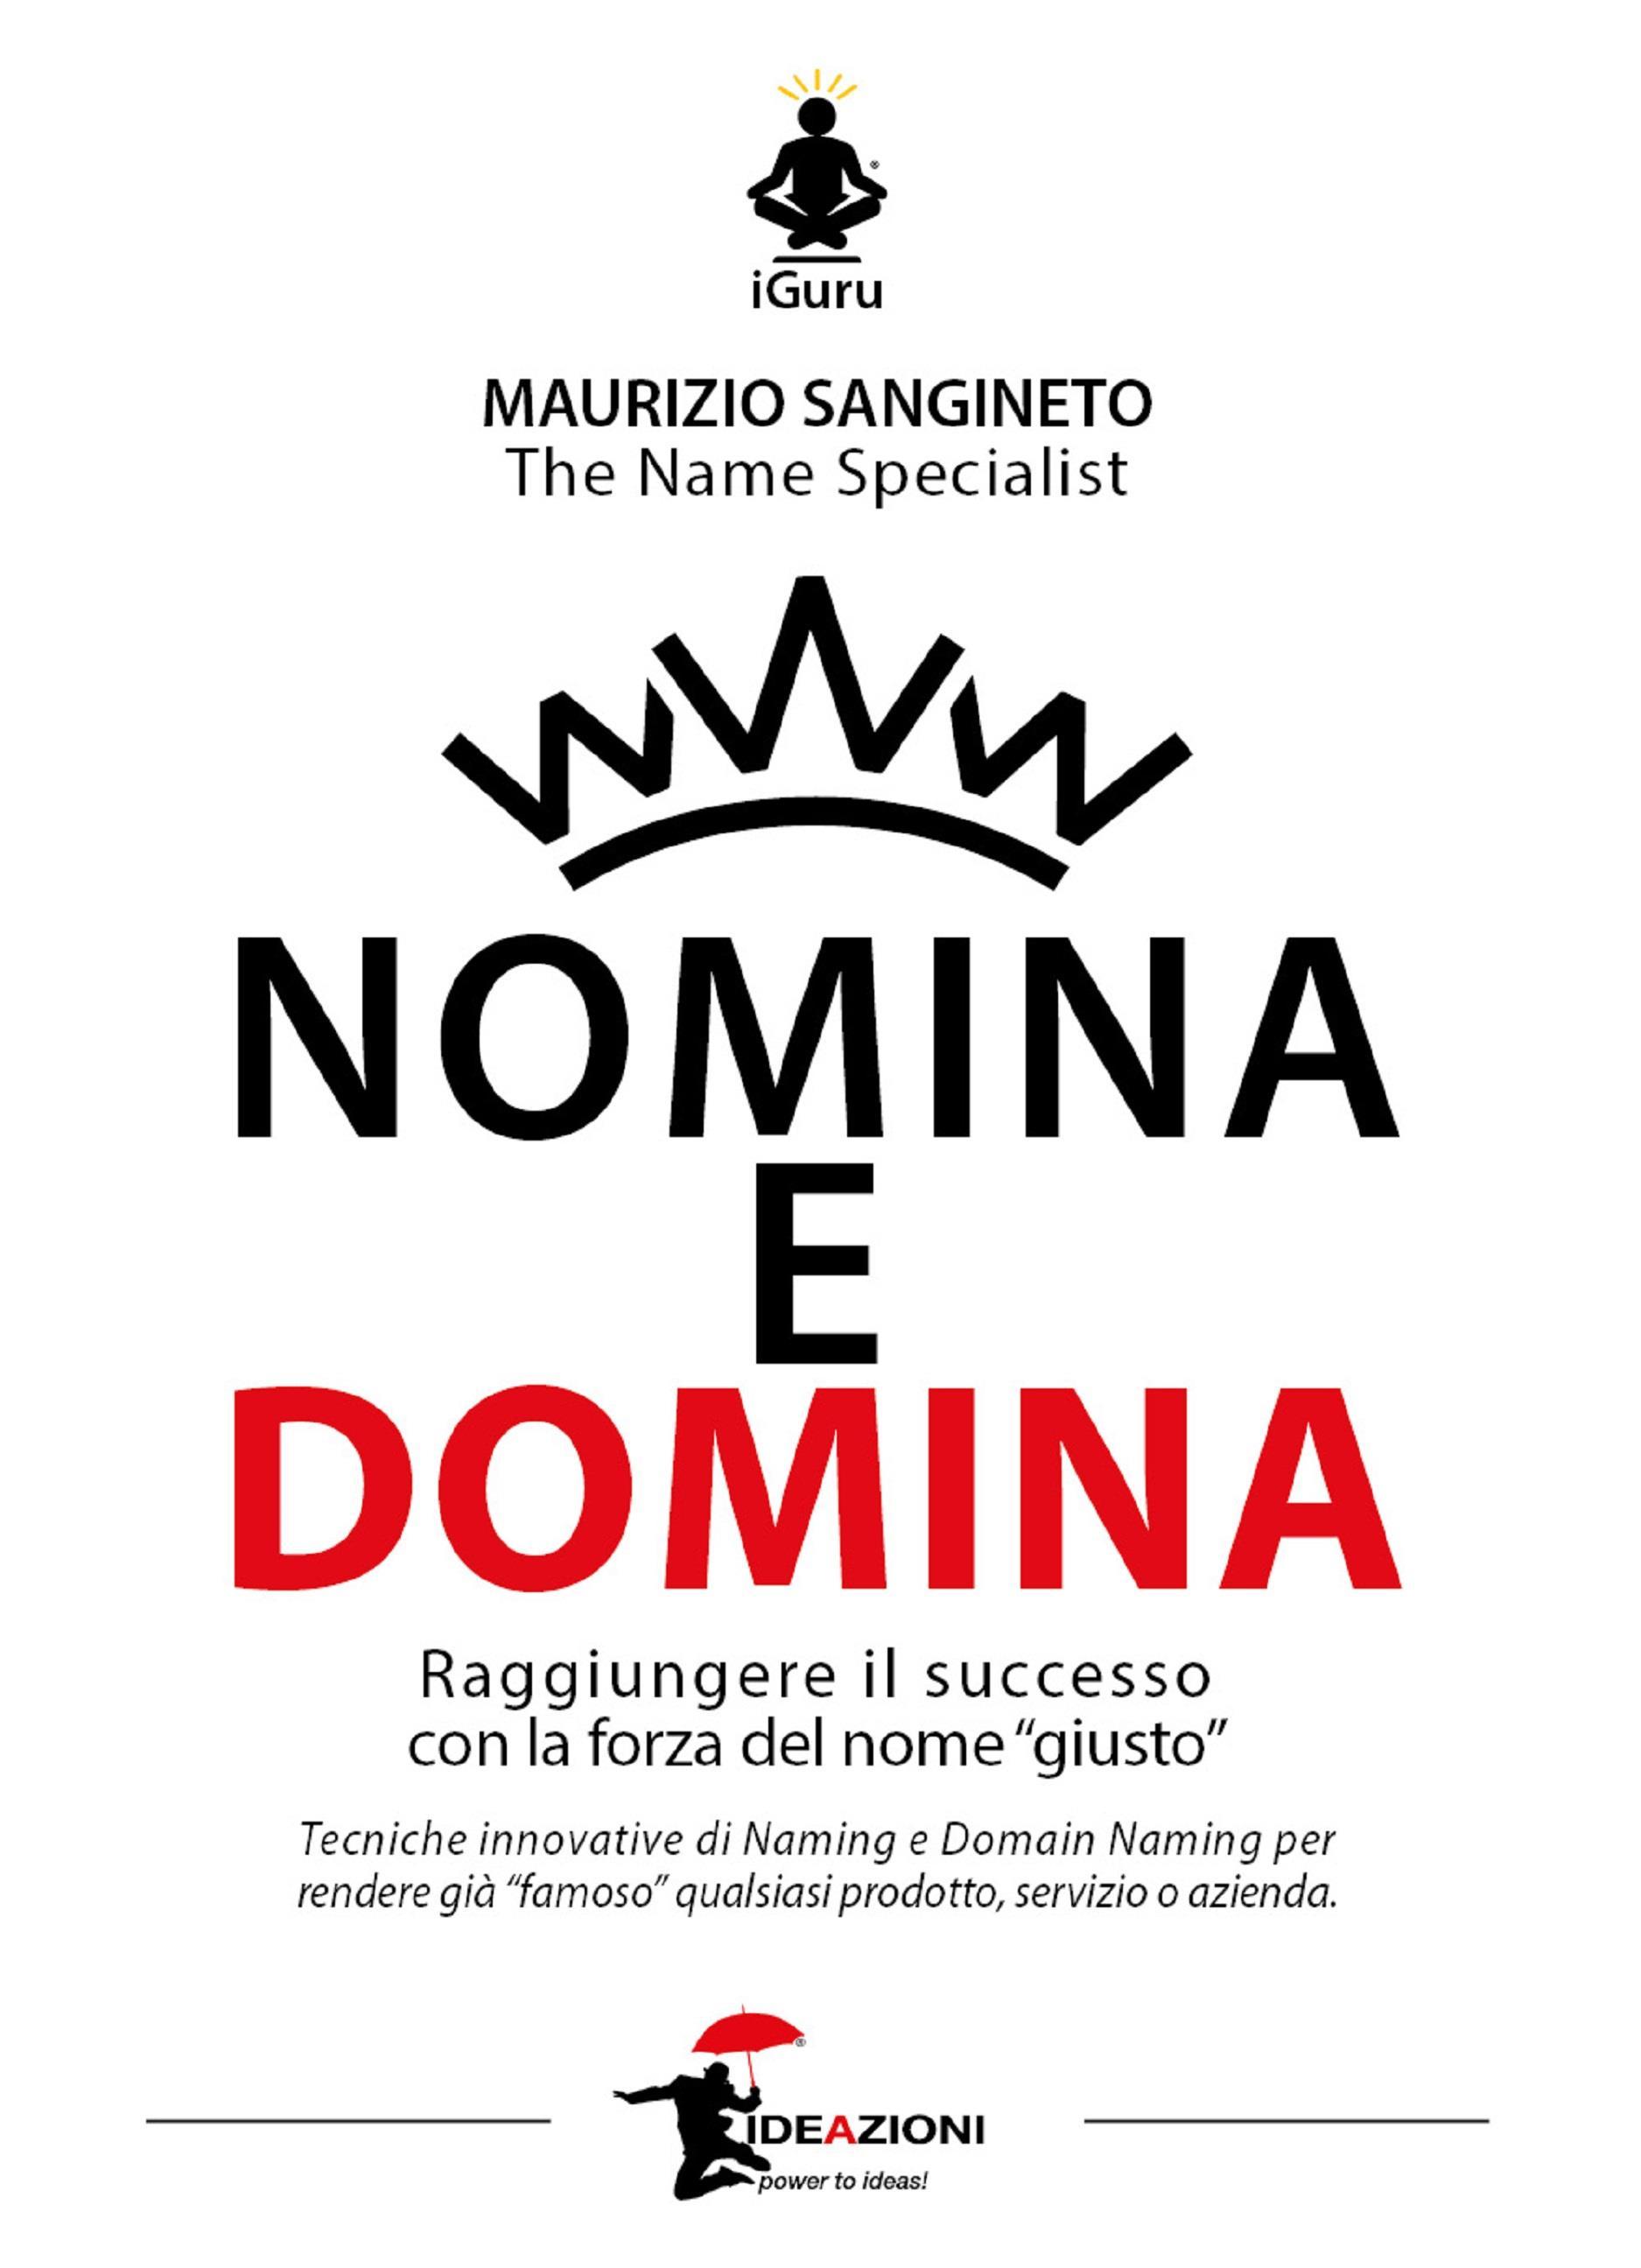 NOMINA E DOMINA. Raggiungere il successo con la forza del Nome. Tecniche di Naming e Domain Naming per rendere famoso qualsiasi prodotto, servizio o azienda.